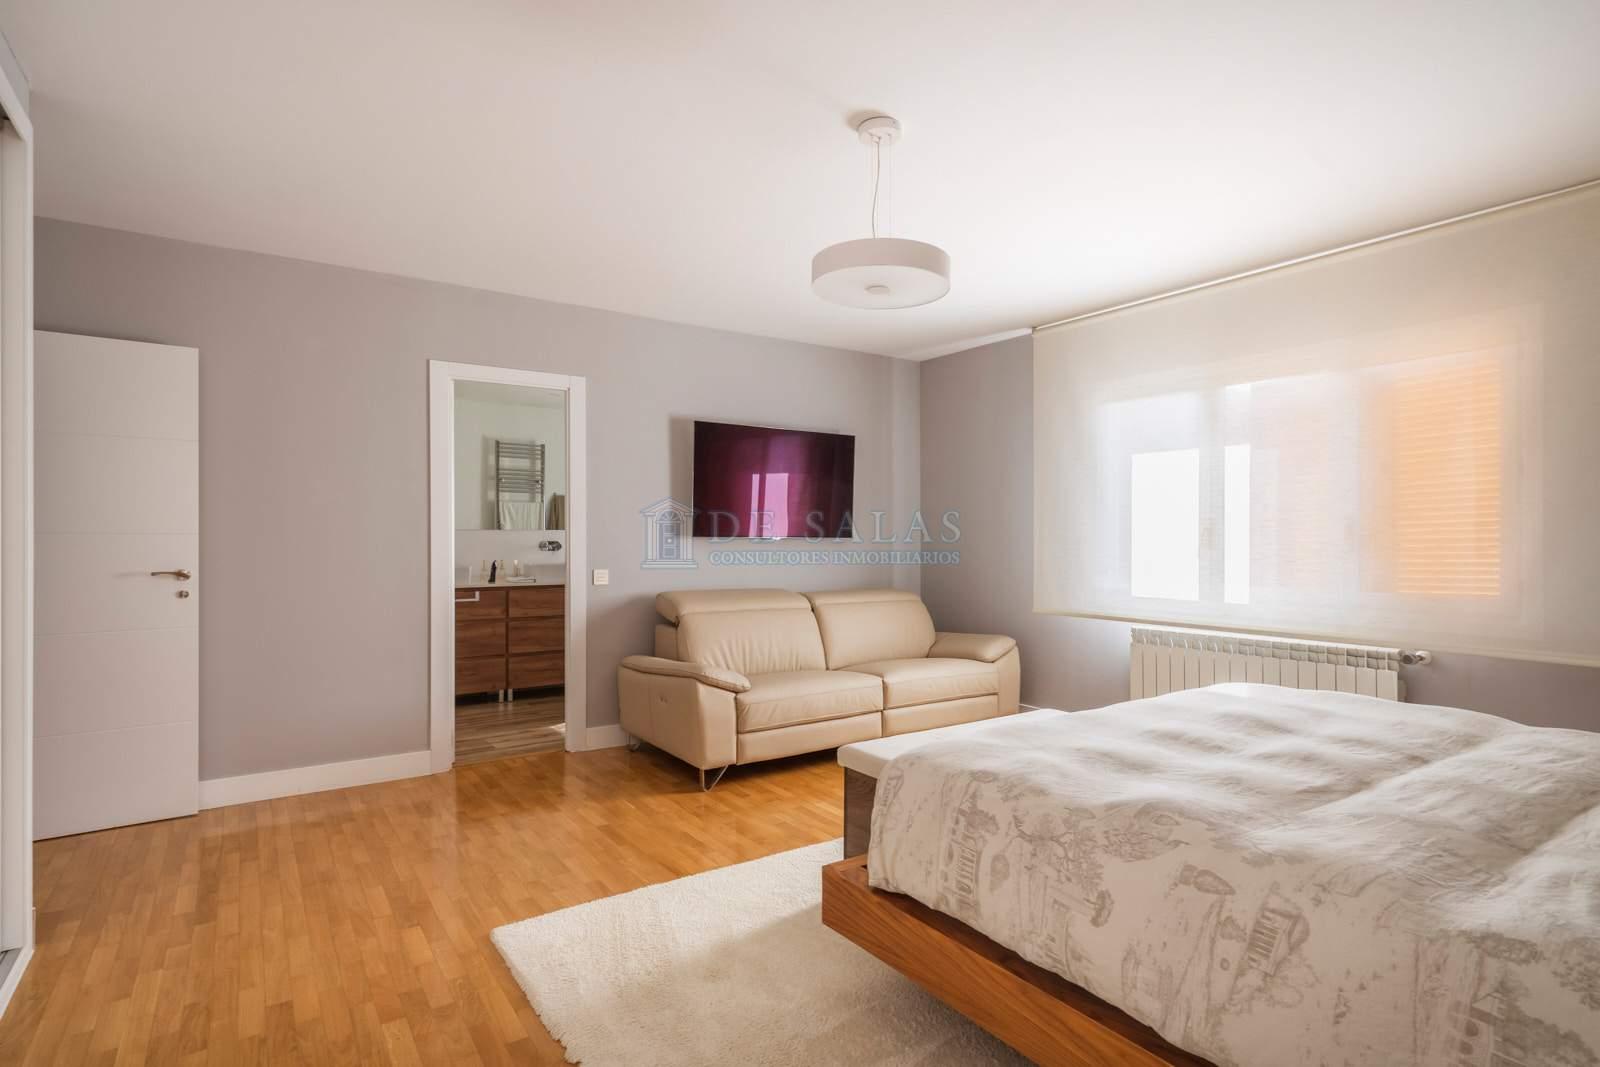 Dormitorio-25 House La Moraleja